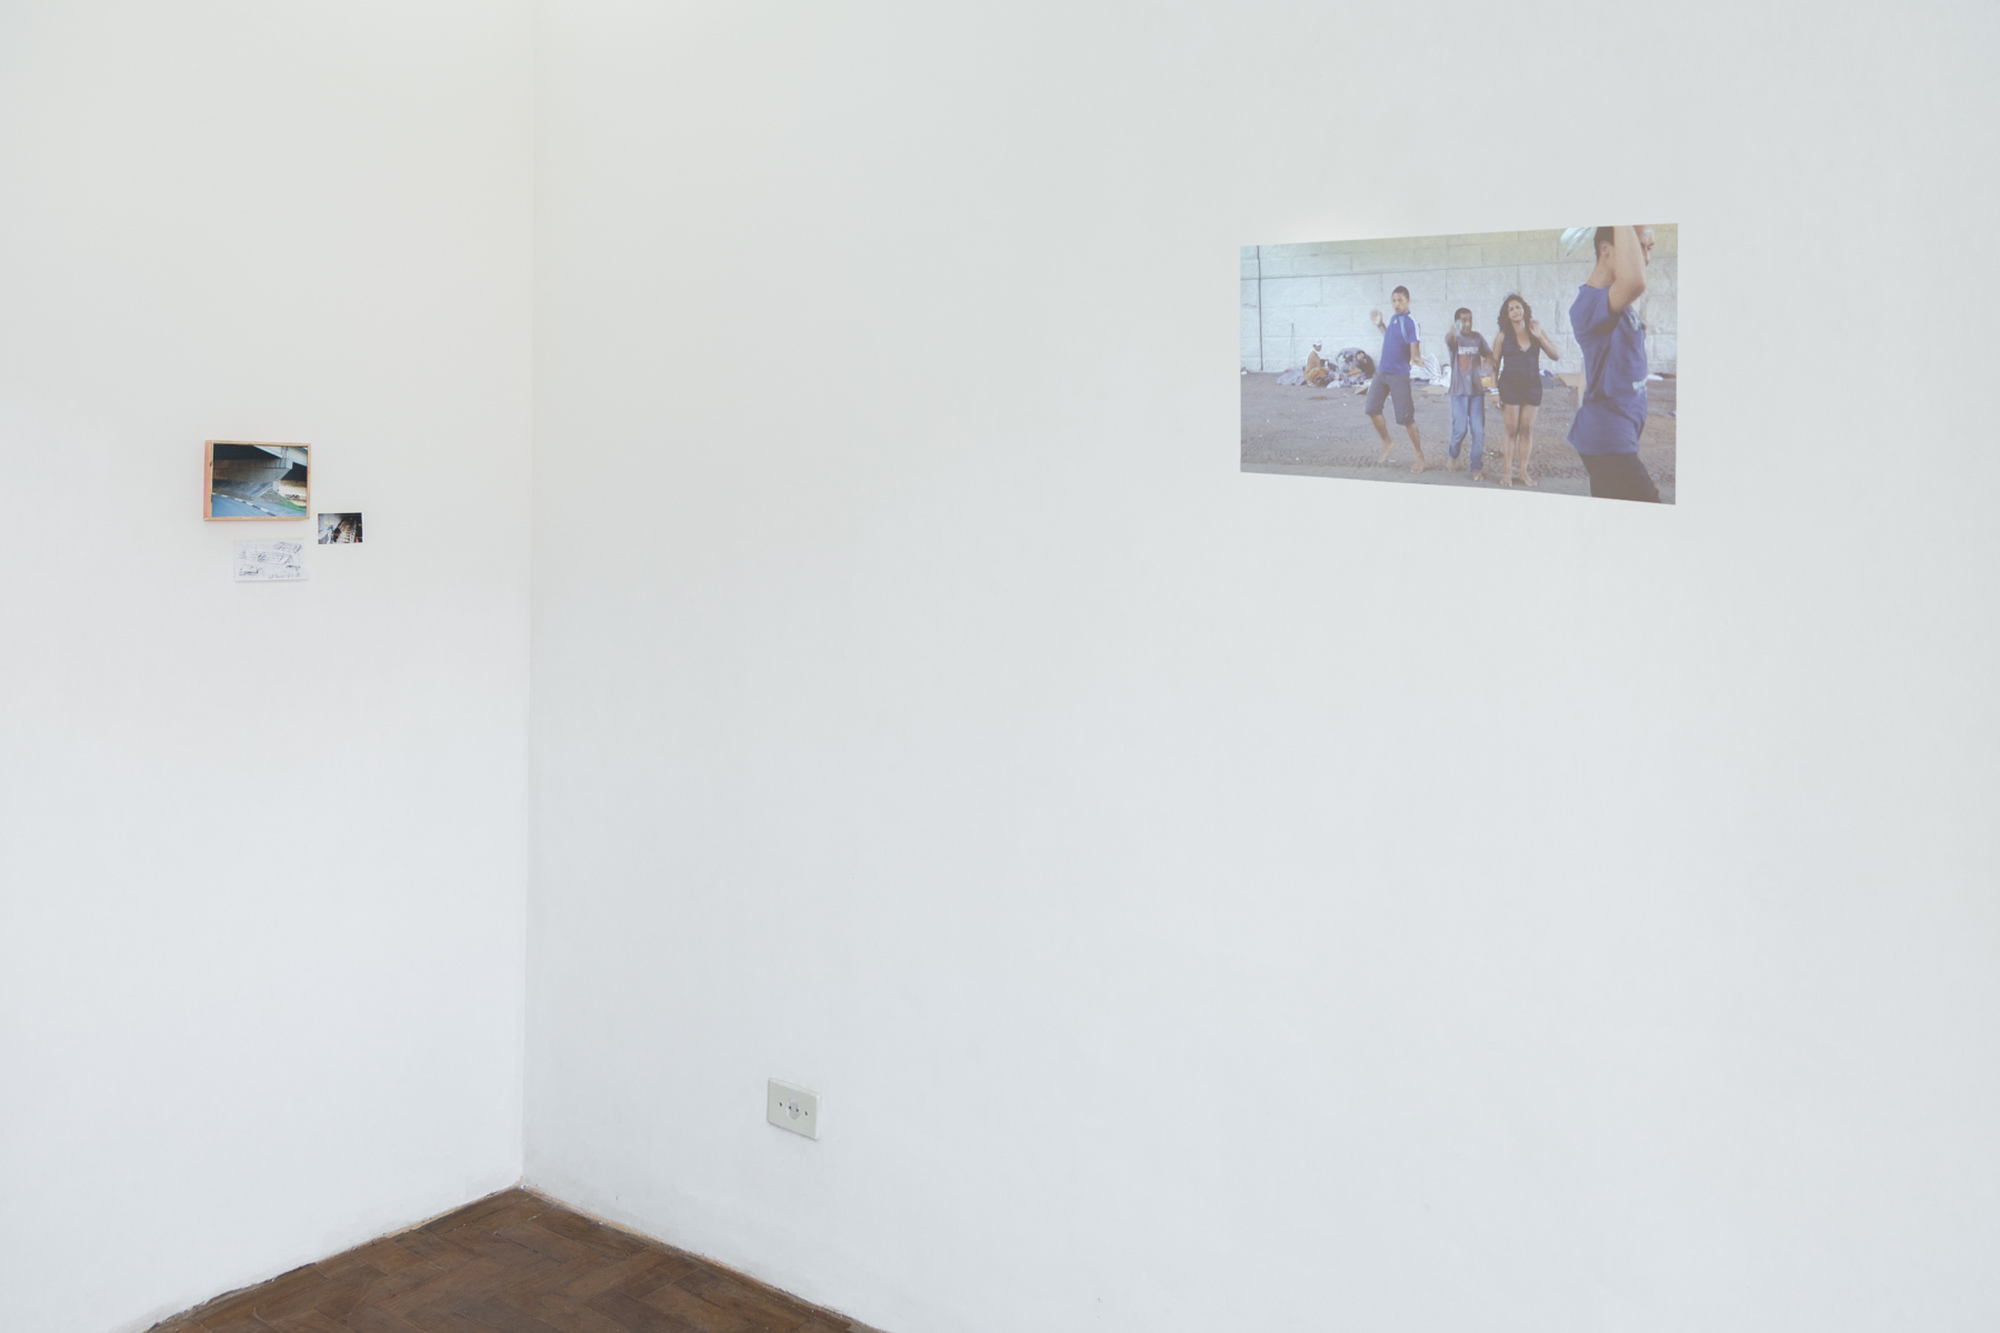 23 Observatório - Acareação - Vista da exposição